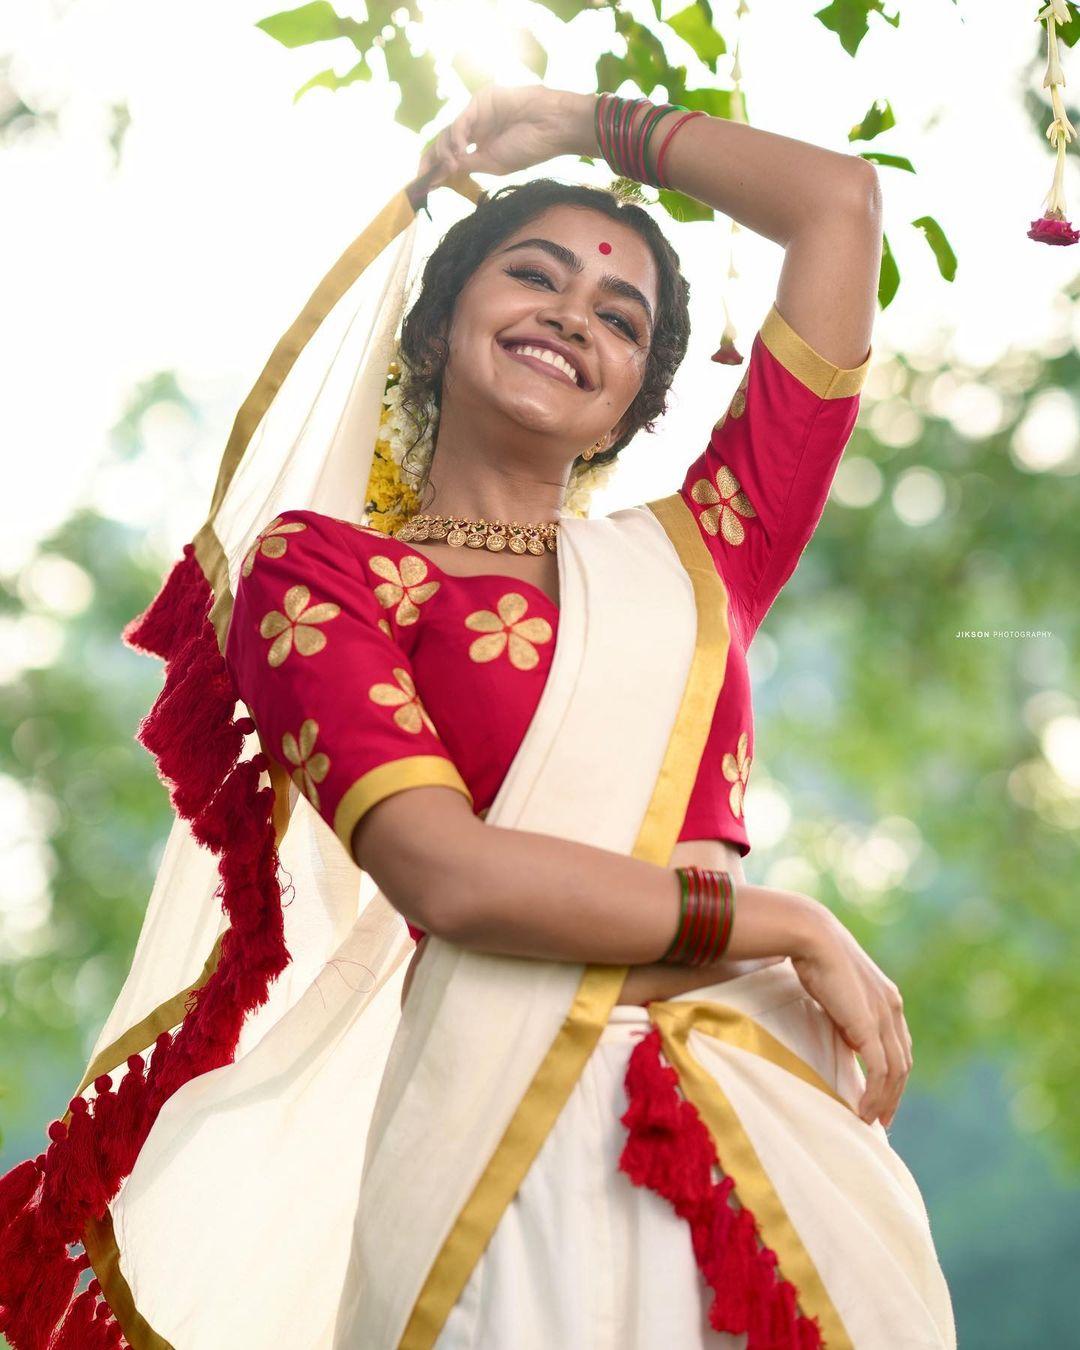 Actress Anupama Parameswaran Latest Photoshoot Stills in Saree - Onam Celebration